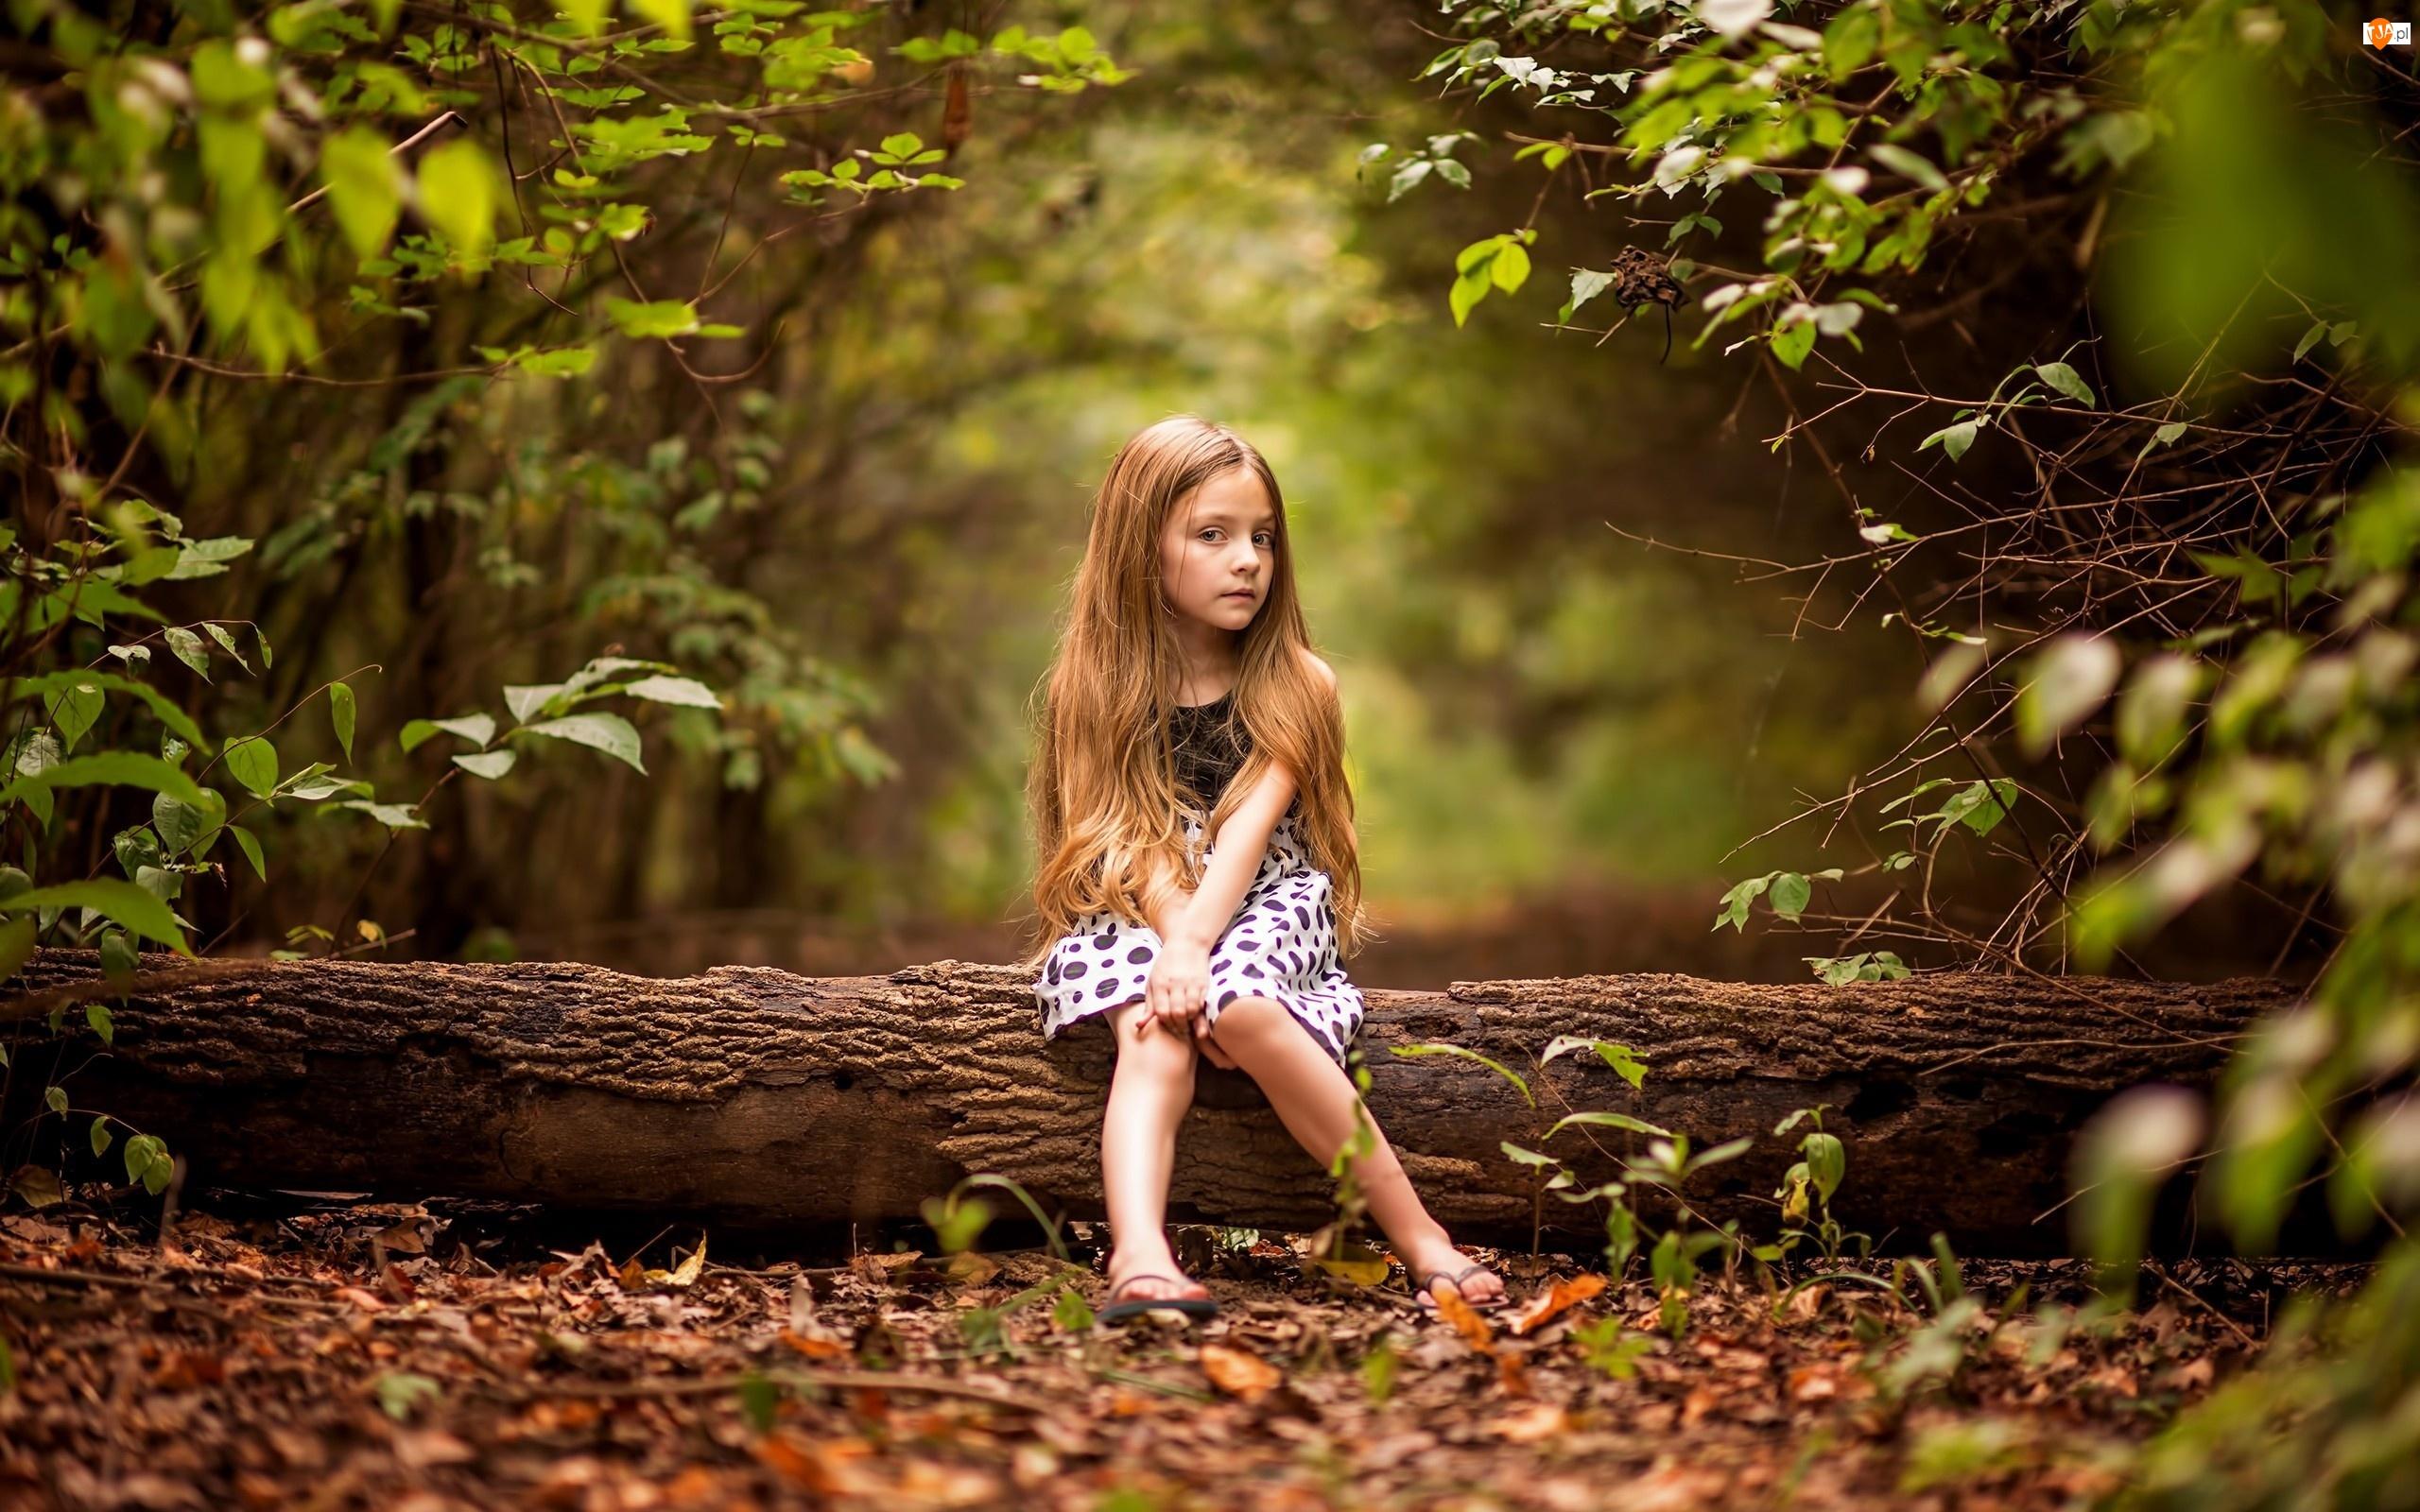 Liście, Dziecko, Las, Dziewczynka, Drzewo